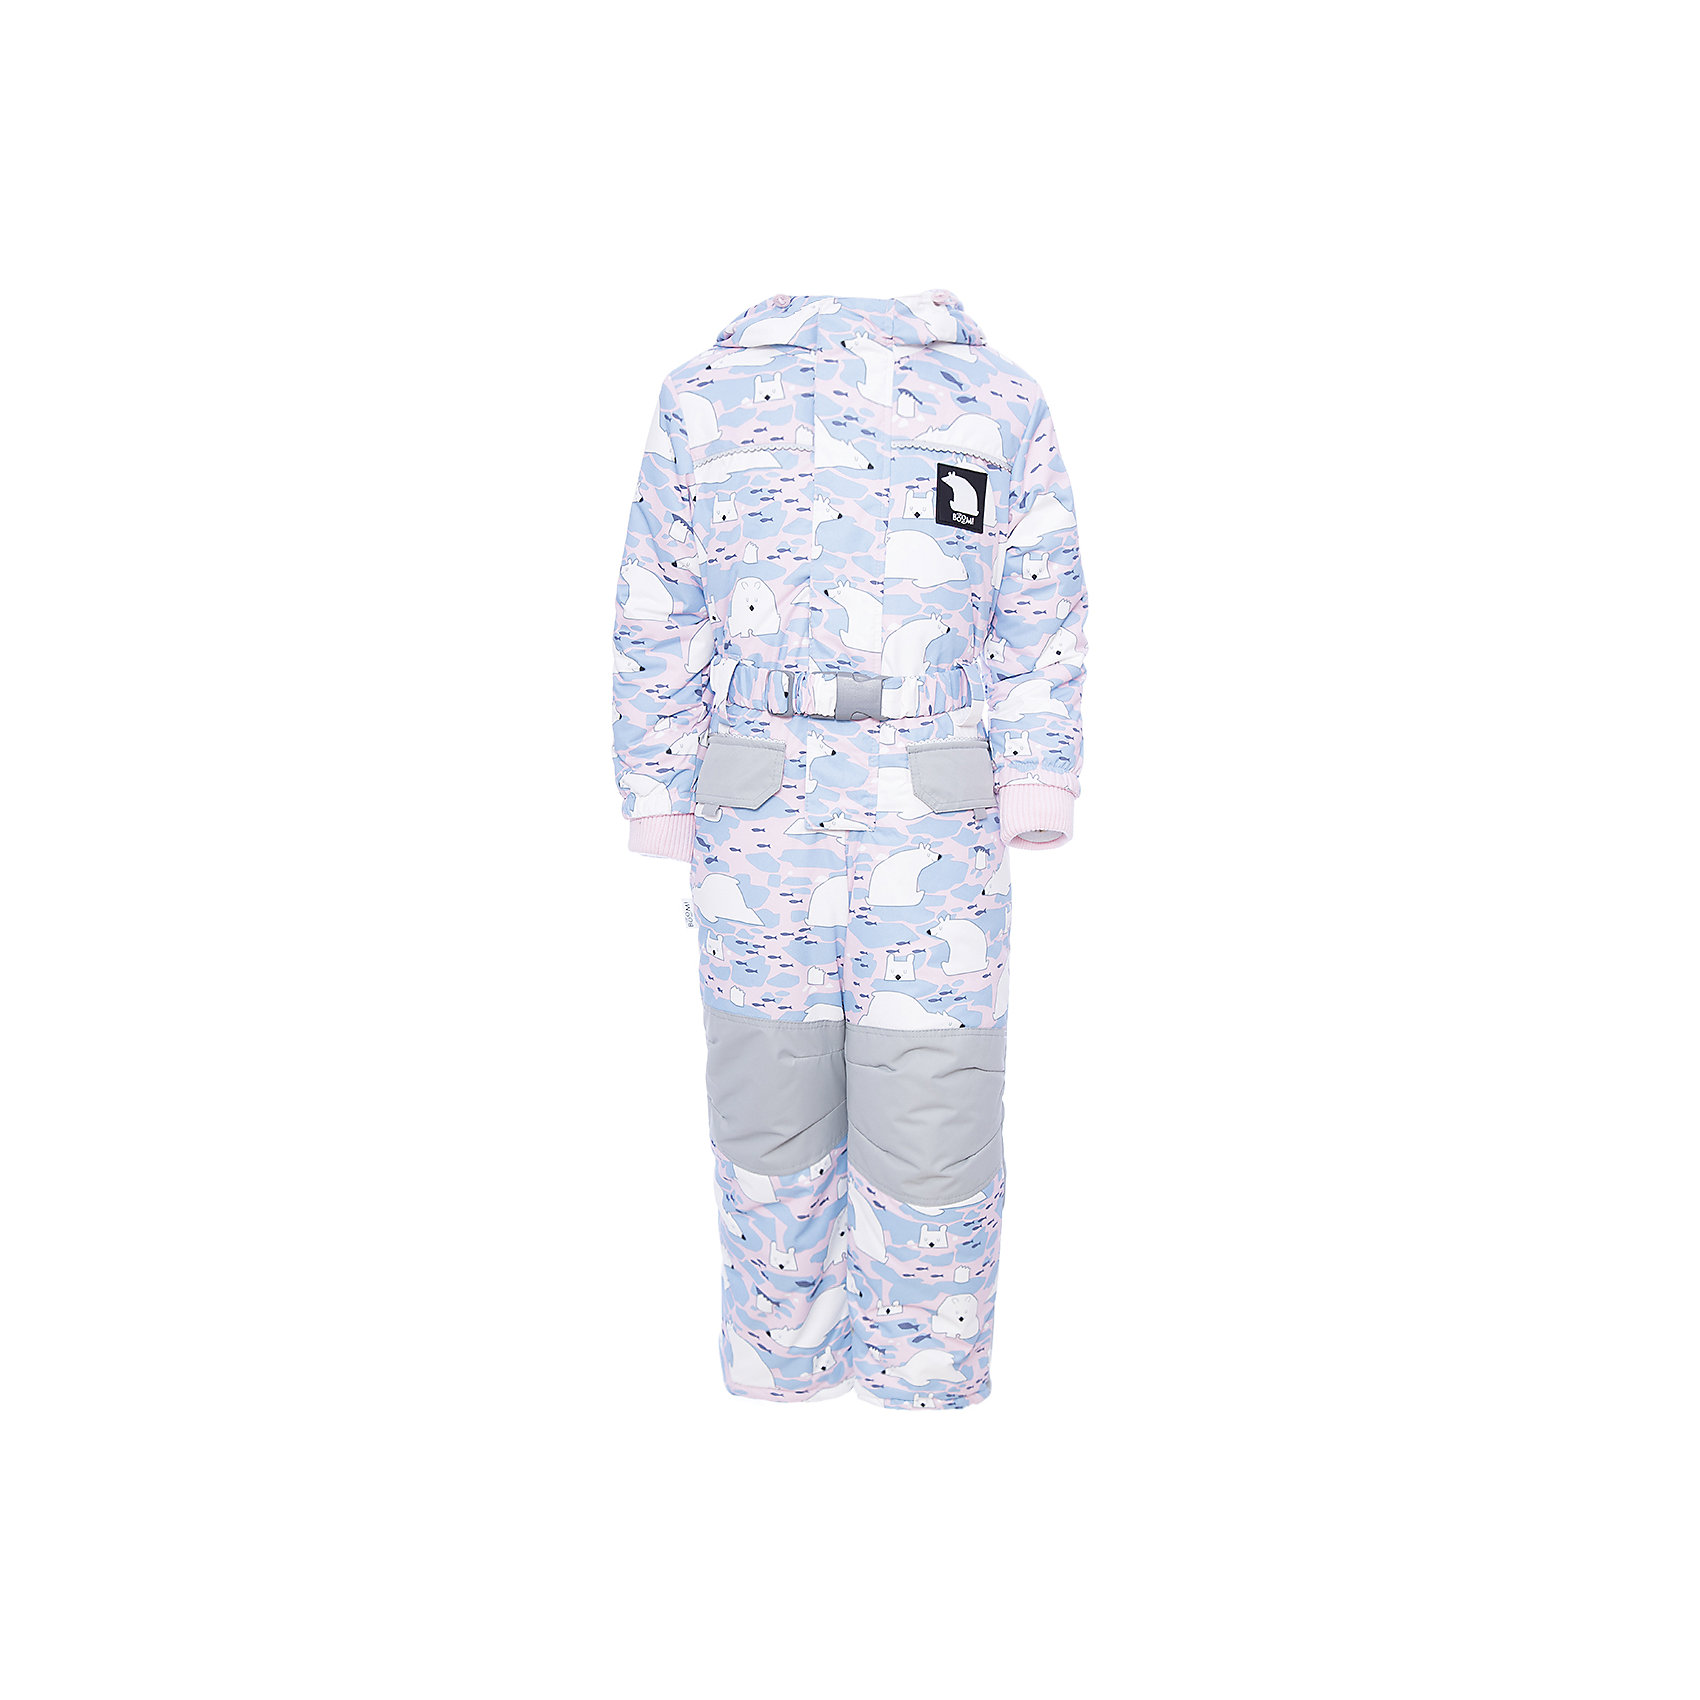 Комбинезон BOOM by Orby для девочкиВерхняя одежда<br>Характеристики товара:<br><br>• цвет: белый<br>• состав ткани: таффета<br>• подкладка: флис, полиэстер пуходержащий<br>• утеплитель: FiberSoft<br>• сезон: зима<br>• мембранное покрытие<br>• температурный режим: от 0 до -30С<br>• водонепроницаемость: 3000 мм <br>• паропроницаемость: 3000 г/м2<br>• плотность утеплителя: 400 г/м2<br>• капюшон: без меха<br>• застежка: молния<br>• штрипки<br>• страна бренда: Россия<br>• страна изготовитель: Россия<br><br>Зимний комбинезон для ребенка поможет обеспечить необходимый уровень утепления. Детский теплый комбинезон дополнен удобным капюшоном, планкой от ветра и карманами. Мембранная ткань верха детского зимнего комбинезона защищена от промокания и ветра. Мембранный комбинезон для девочки легко чистится. <br><br>Комбинезон для девочки BOOM by Orby (Бум бай Орби) можно купить в нашем интернет-магазине.<br><br>Ширина мм: 356<br>Глубина мм: 10<br>Высота мм: 245<br>Вес г: 519<br>Цвет: серый<br>Возраст от месяцев: 36<br>Возраст до месяцев: 48<br>Пол: Женский<br>Возраст: Детский<br>Размер: 104,110,116,122,128,80,86,92,98<br>SKU: 7090045